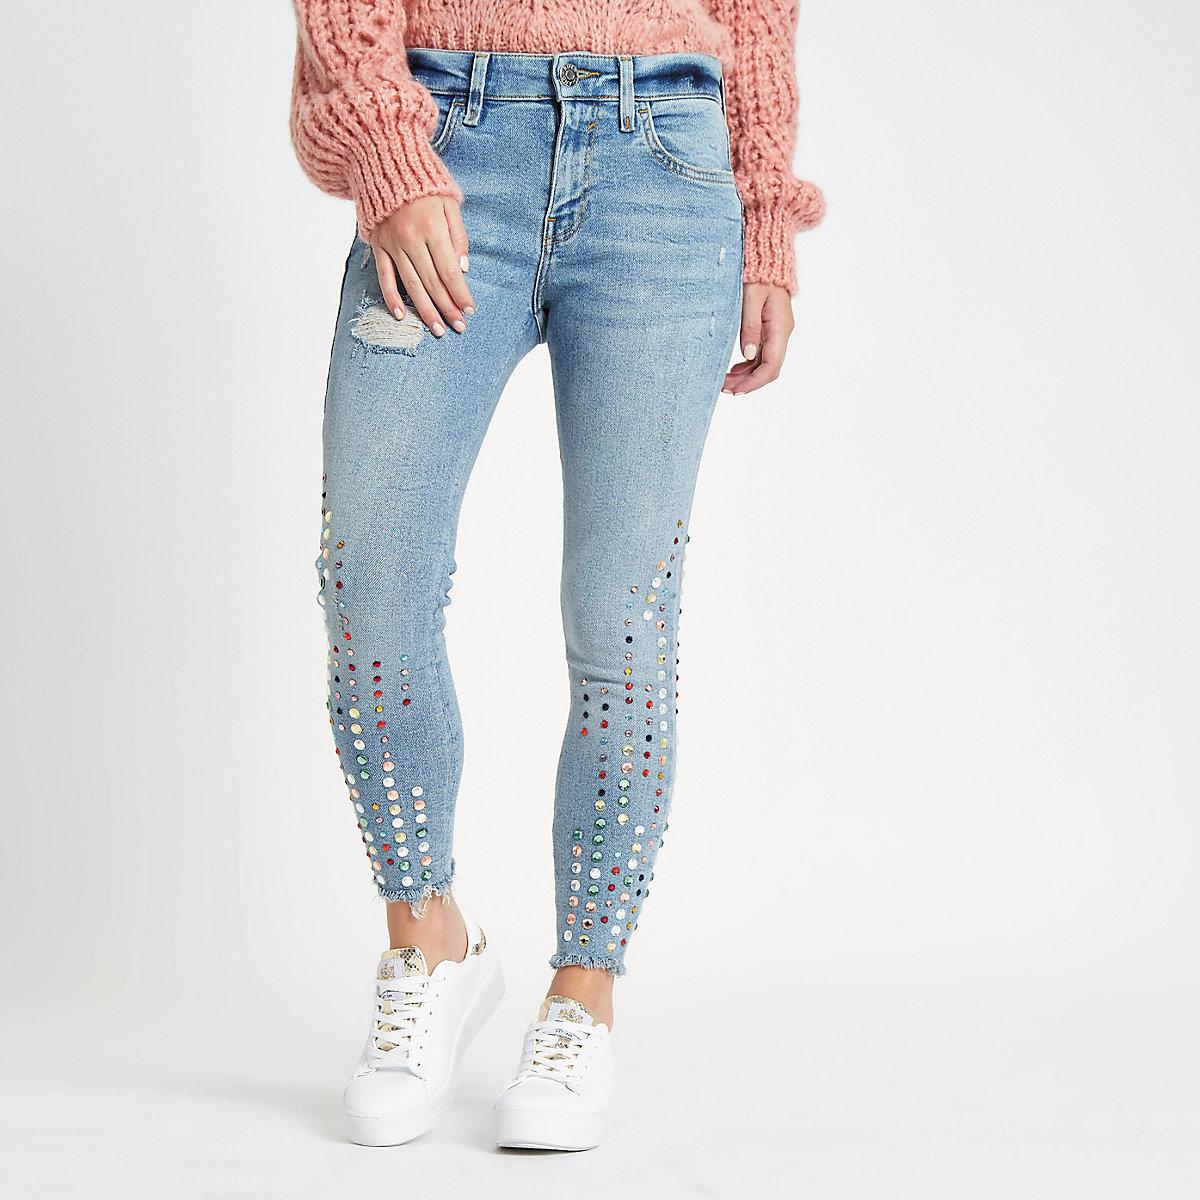 Petite Amelie light blue embellished jeans